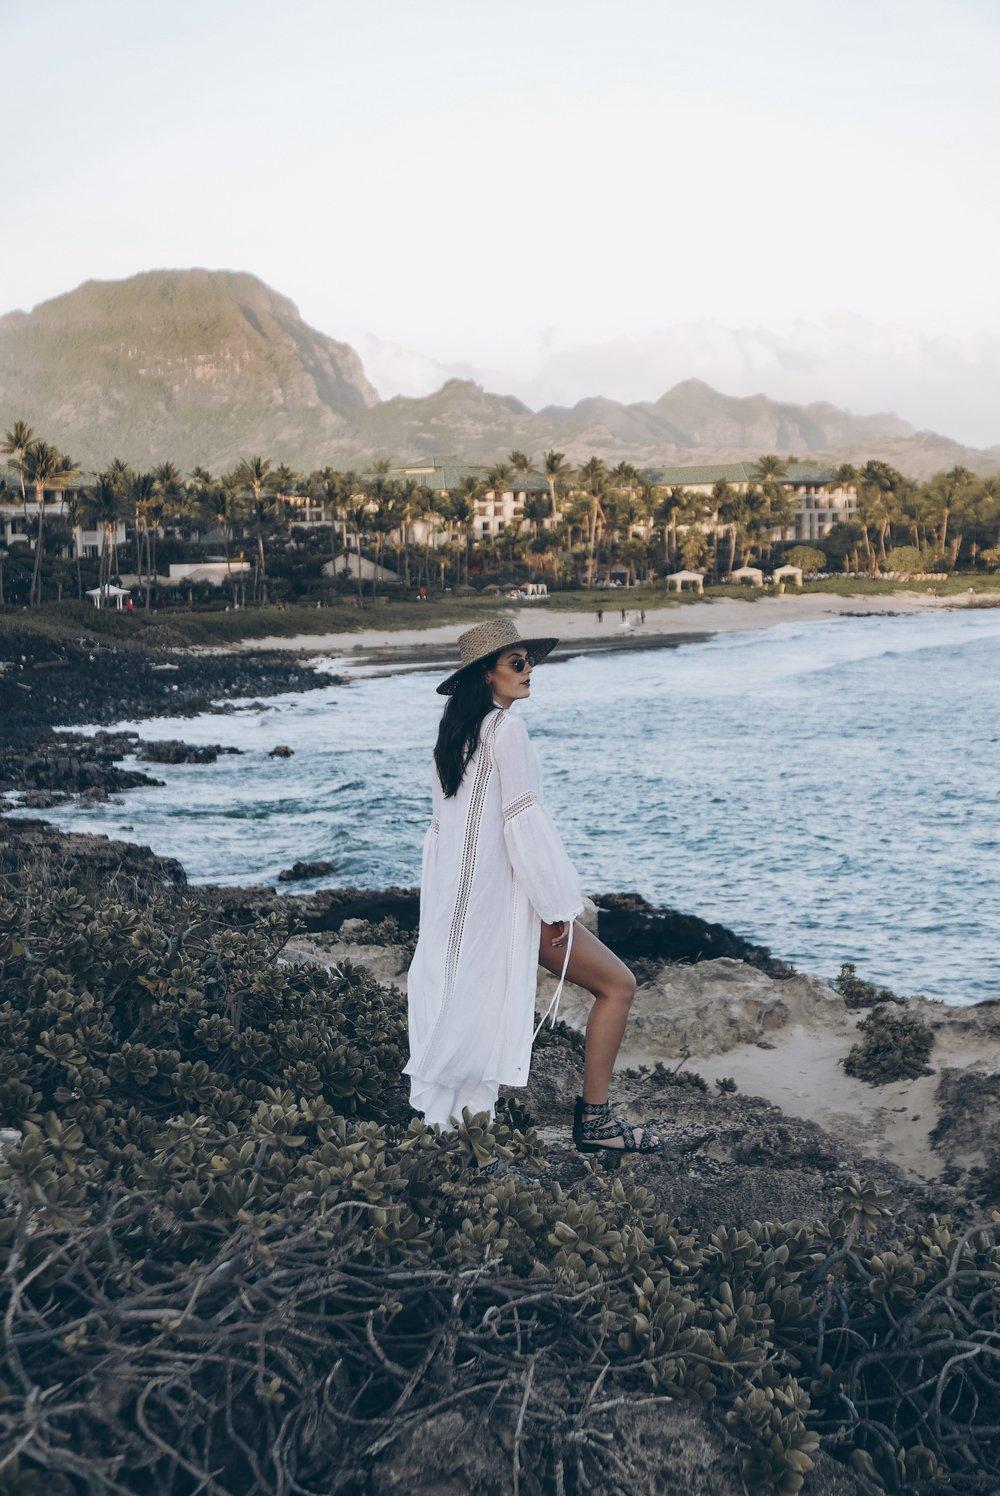 Boho Style - Kauai Travel Guide - Julia Friedman